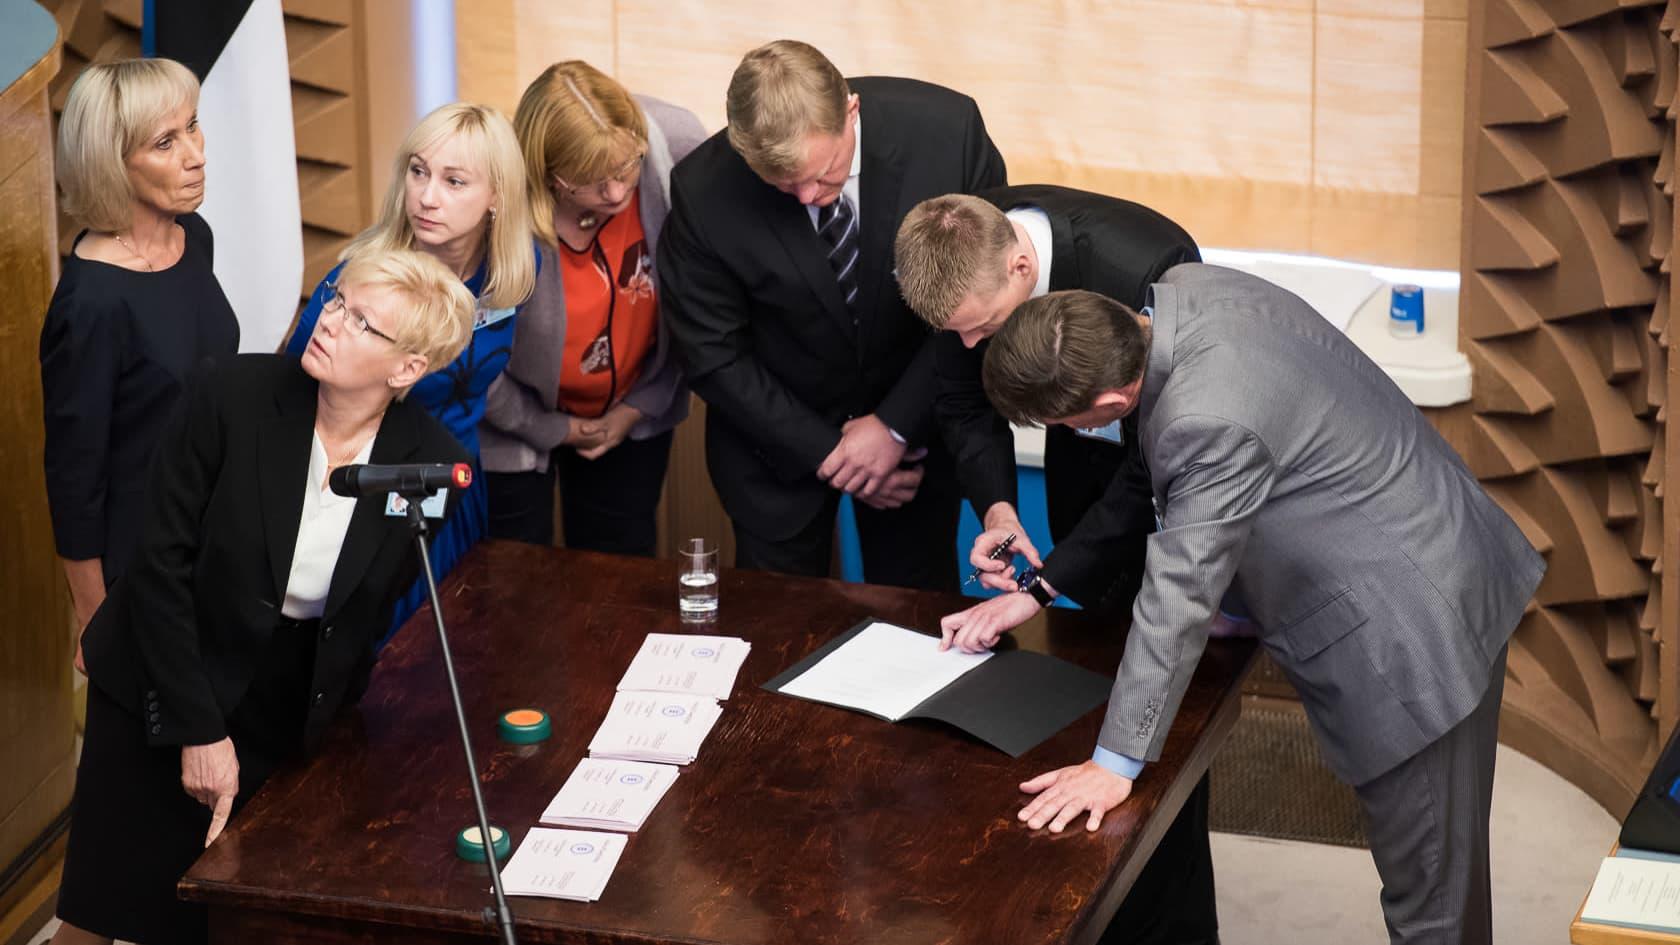 Äänestystuloksen tarkistus Viron presidentinvaalissa vuonna 2016